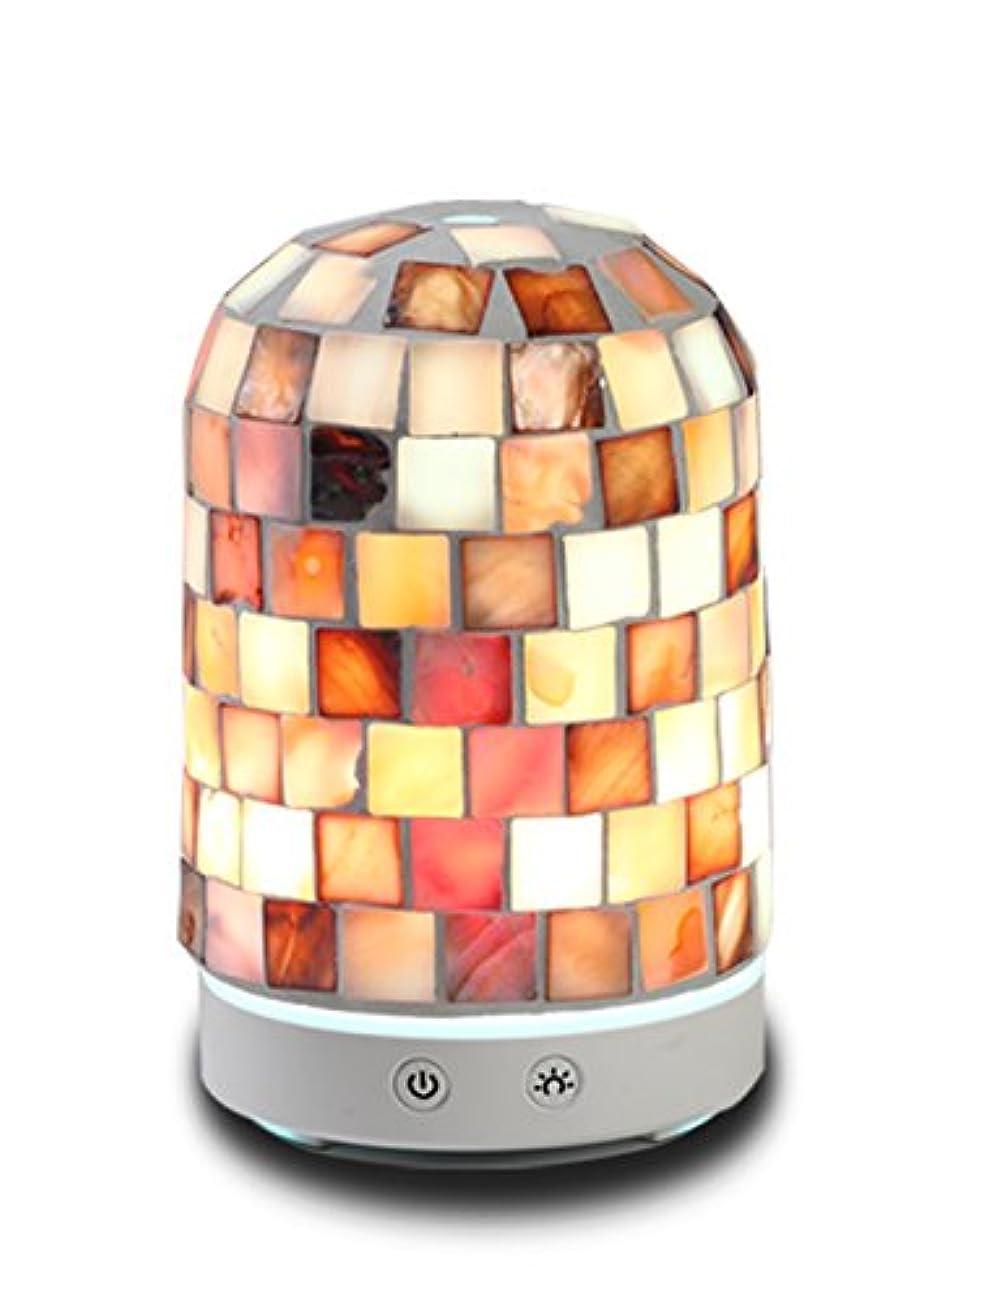 AAアロマセラピーアロマエッセンシャルオイルディフューザー加湿器120 ml Dreamカラーガラス14-color LEDライトミュート自動ライトChangingアロマセラピーマシン加湿器 Diameter: 9cm;...